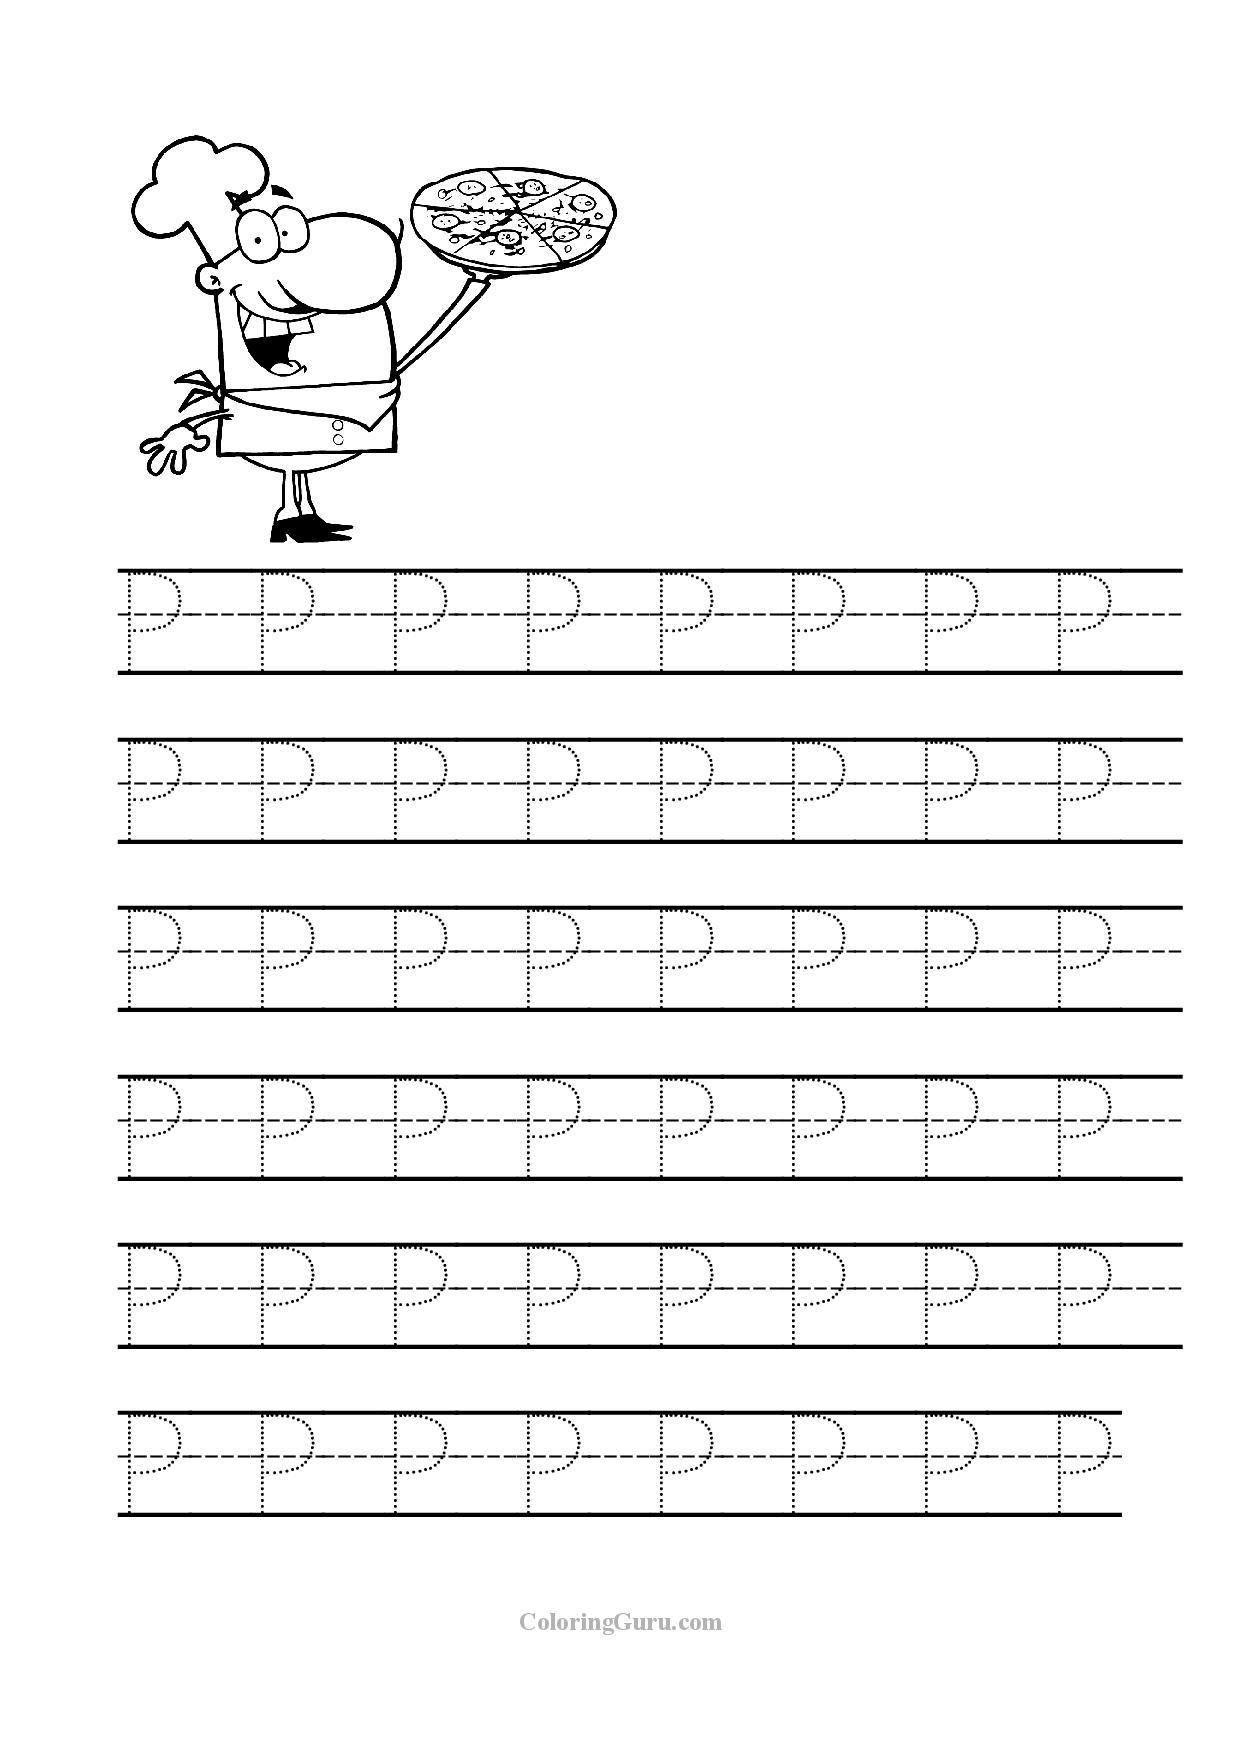 3 Worksheet Practice Tracing L Prek Free Printable Tracing Letter P Worksheets For P Letter P Worksheets Tracing Worksheets Preschool Letter Tracing Printables